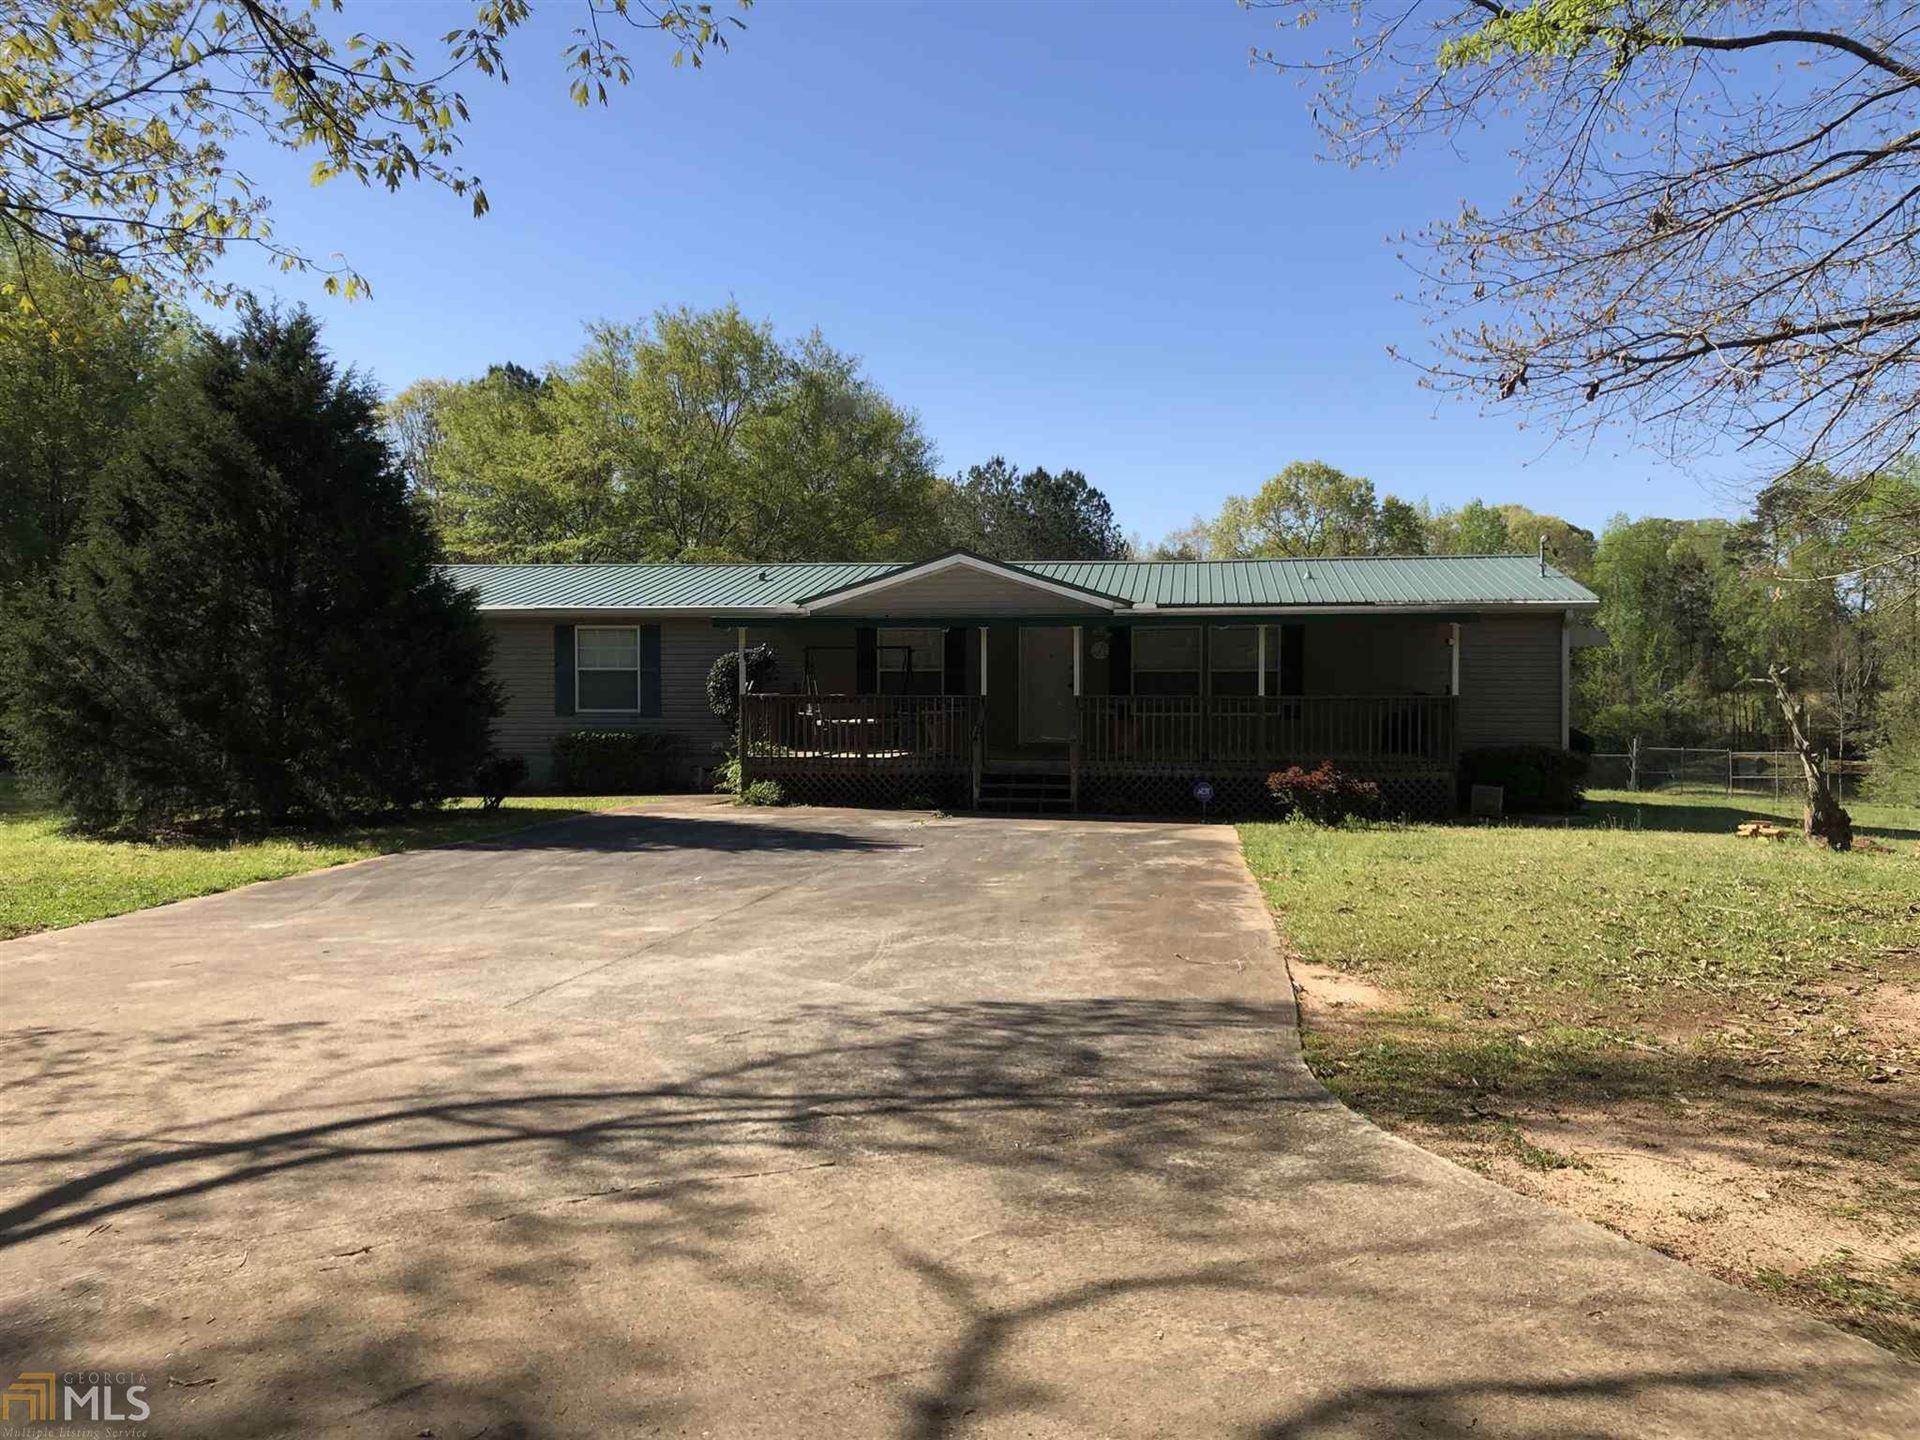 416 Glover Rd, Hogansville, GA 30230 - #: 8955969